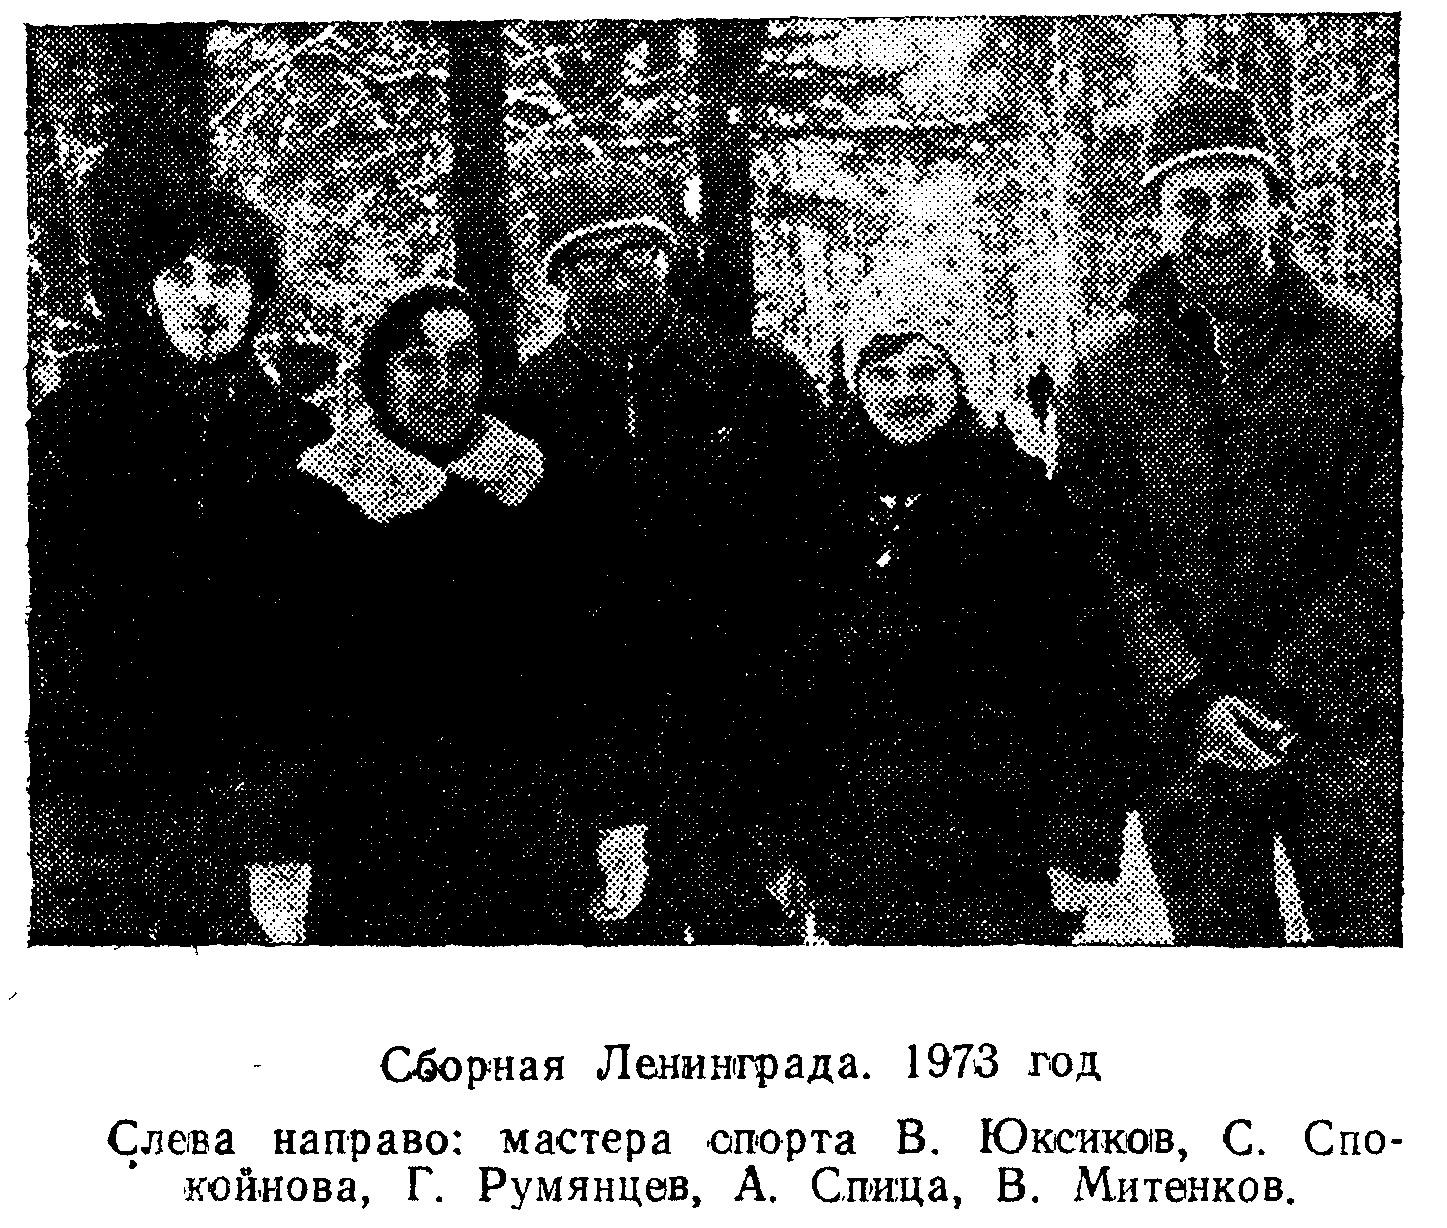 Сборная Ленинграда по радиоориентиоованию. 1973 год